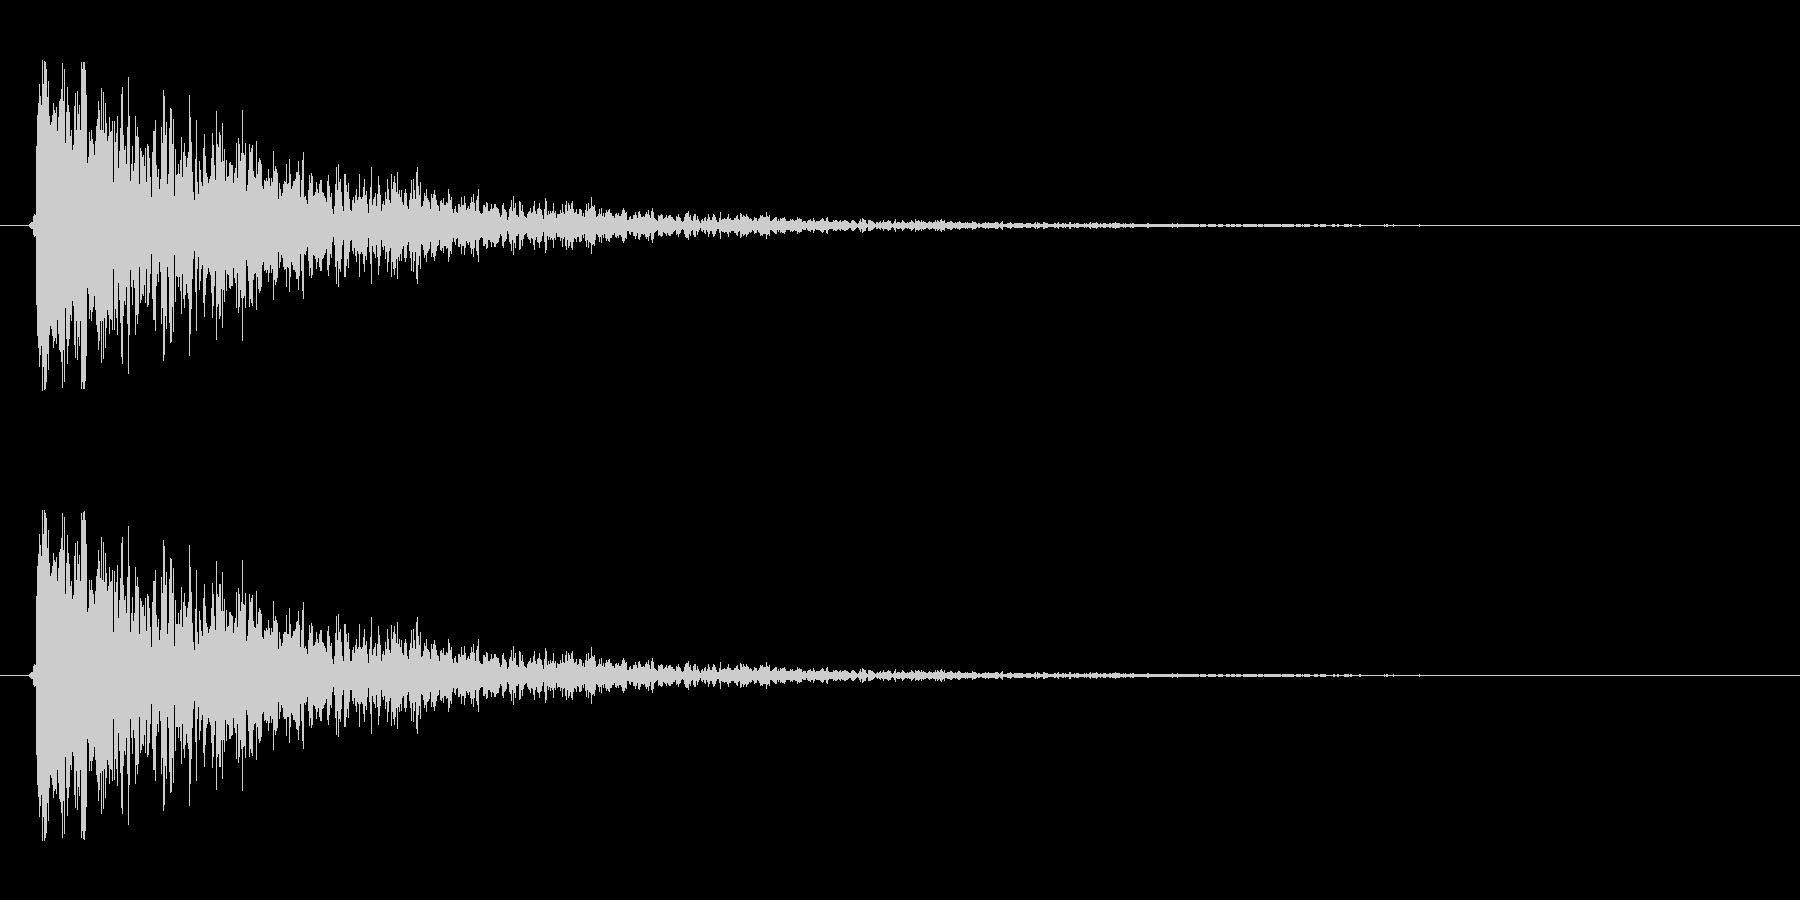 【衝撃05-2】の未再生の波形